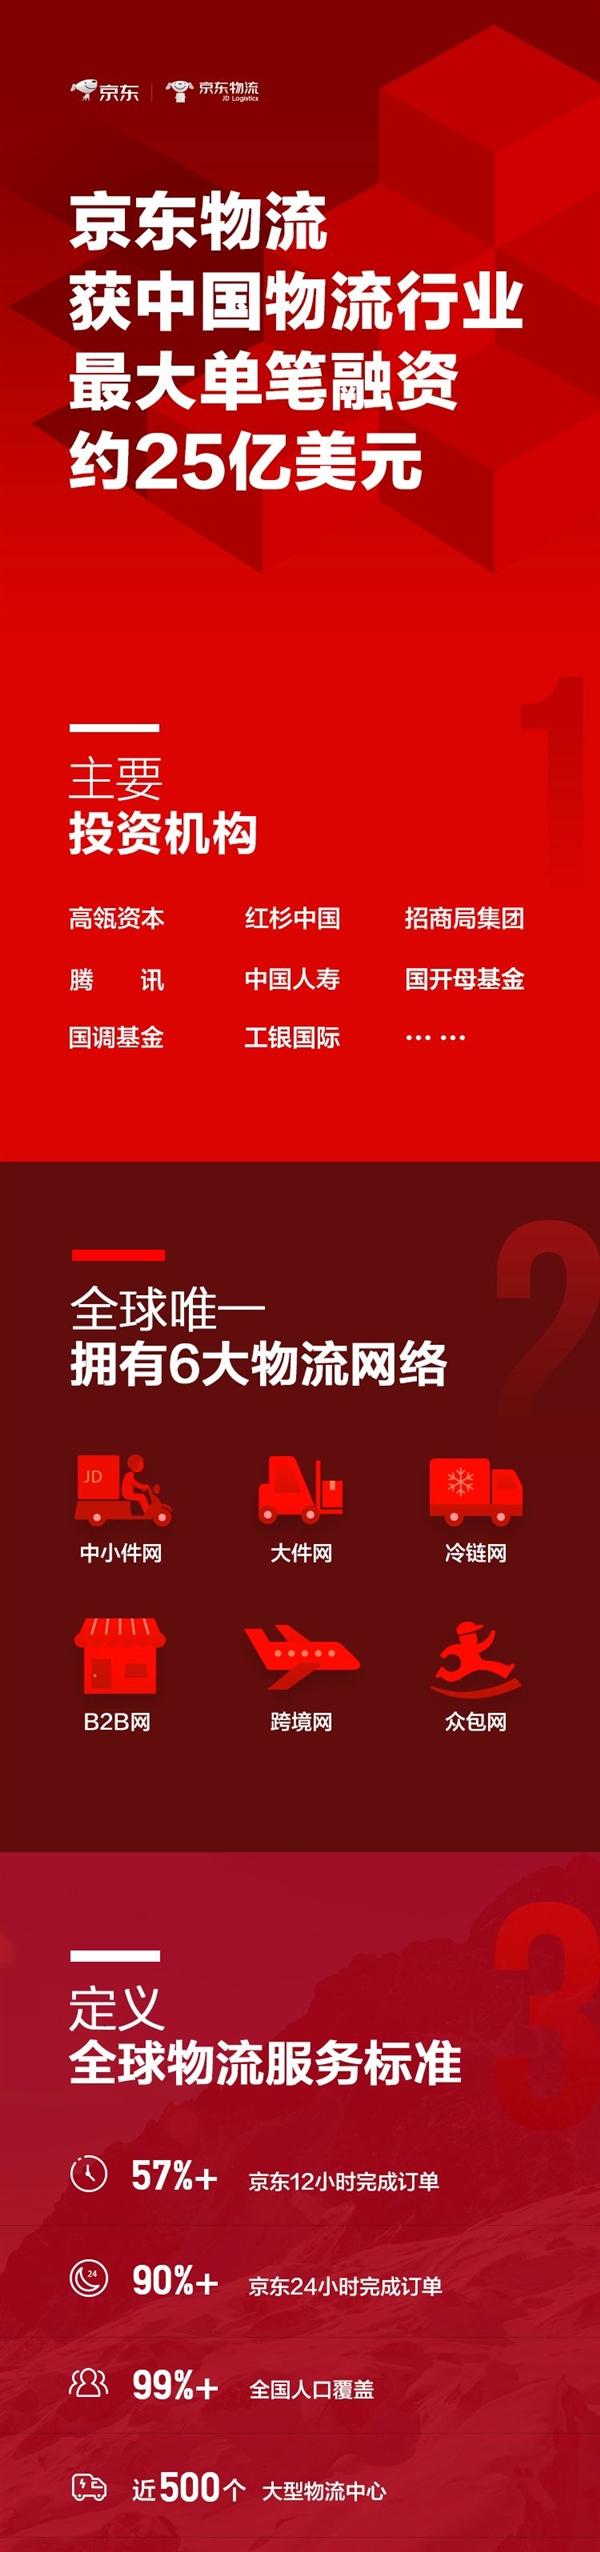 25亿美元!京东物流获中国物流行业最大单笔融资:腾讯入股